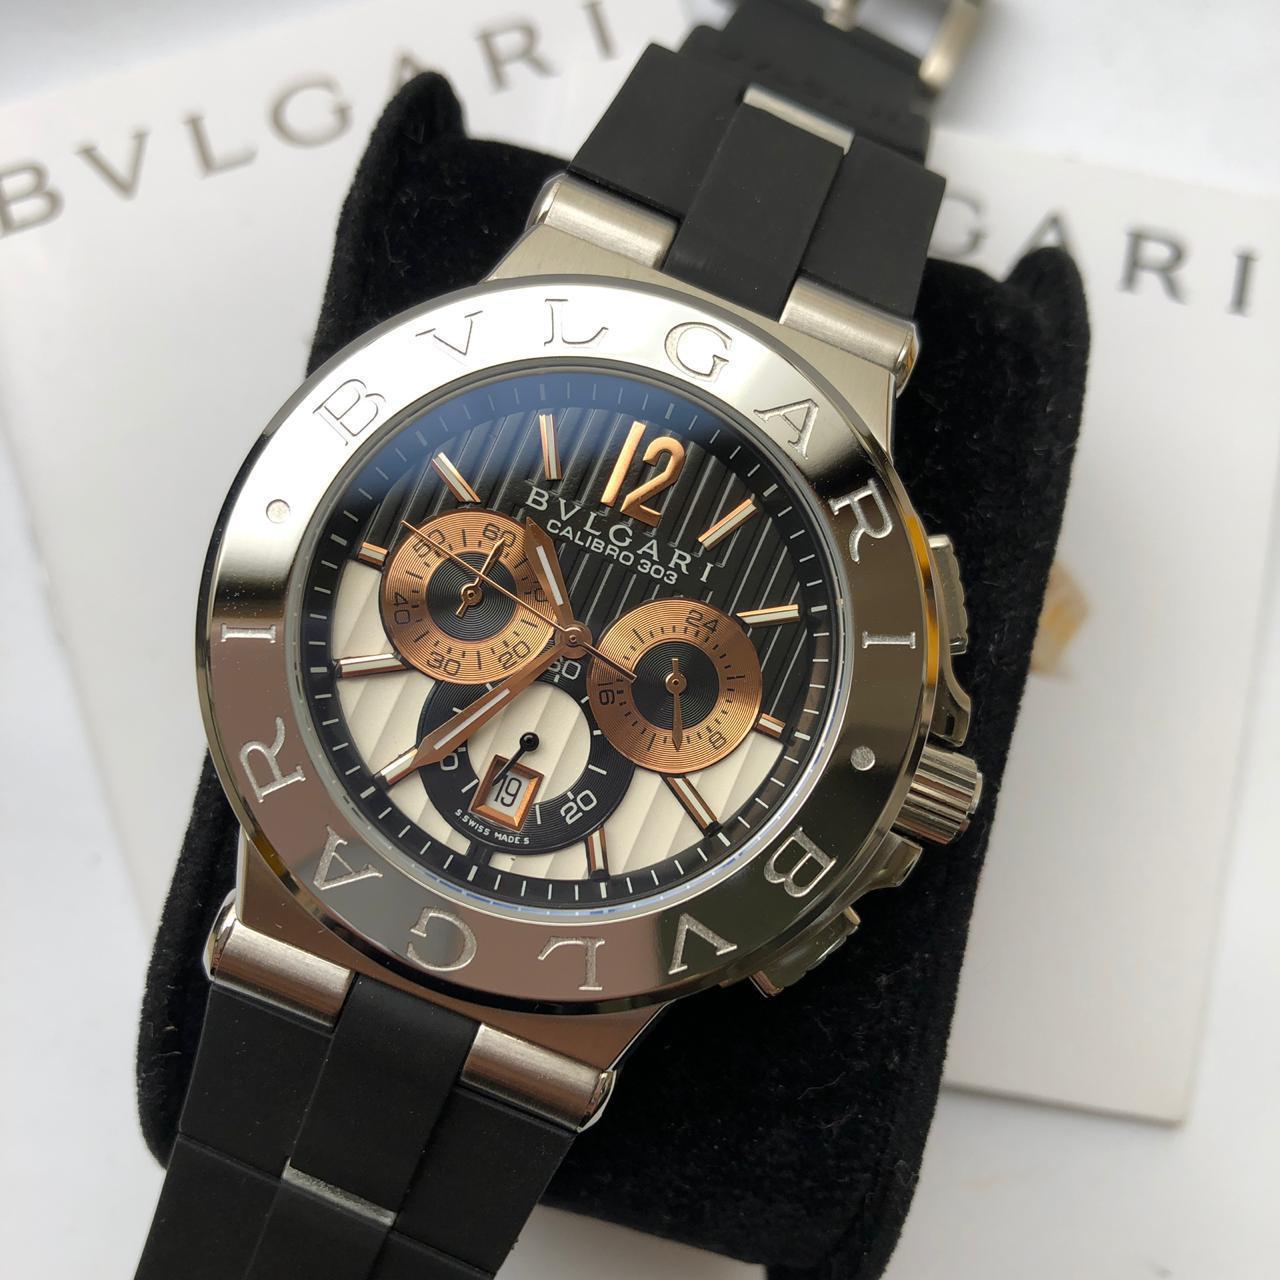 Relógio Bvlgari Calibro 303